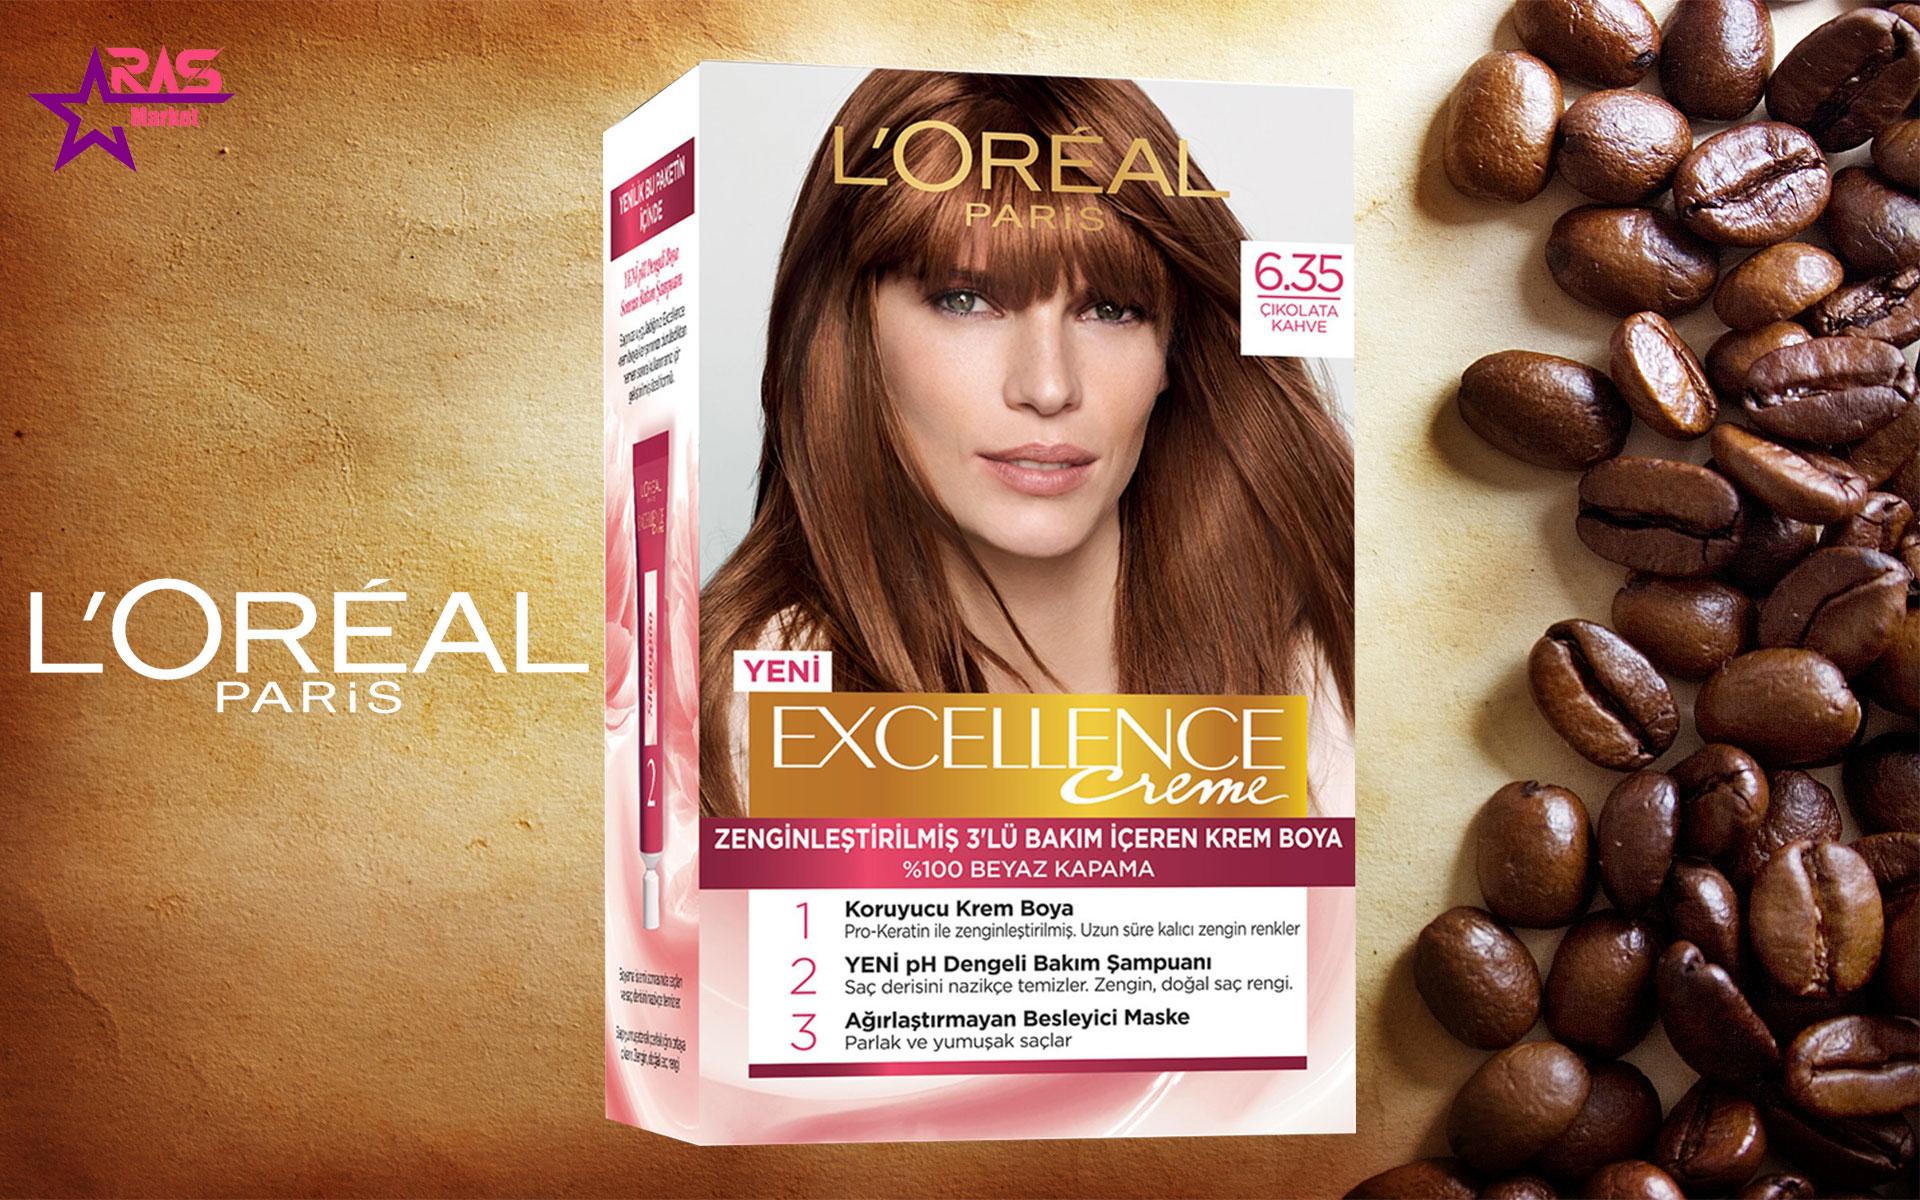 کیت رنگ مو لورآل سری Excellence شماره 6.35 ، خرید اینترنتی محصولات شوینده و بهداشتی ، بهداشت بانوان